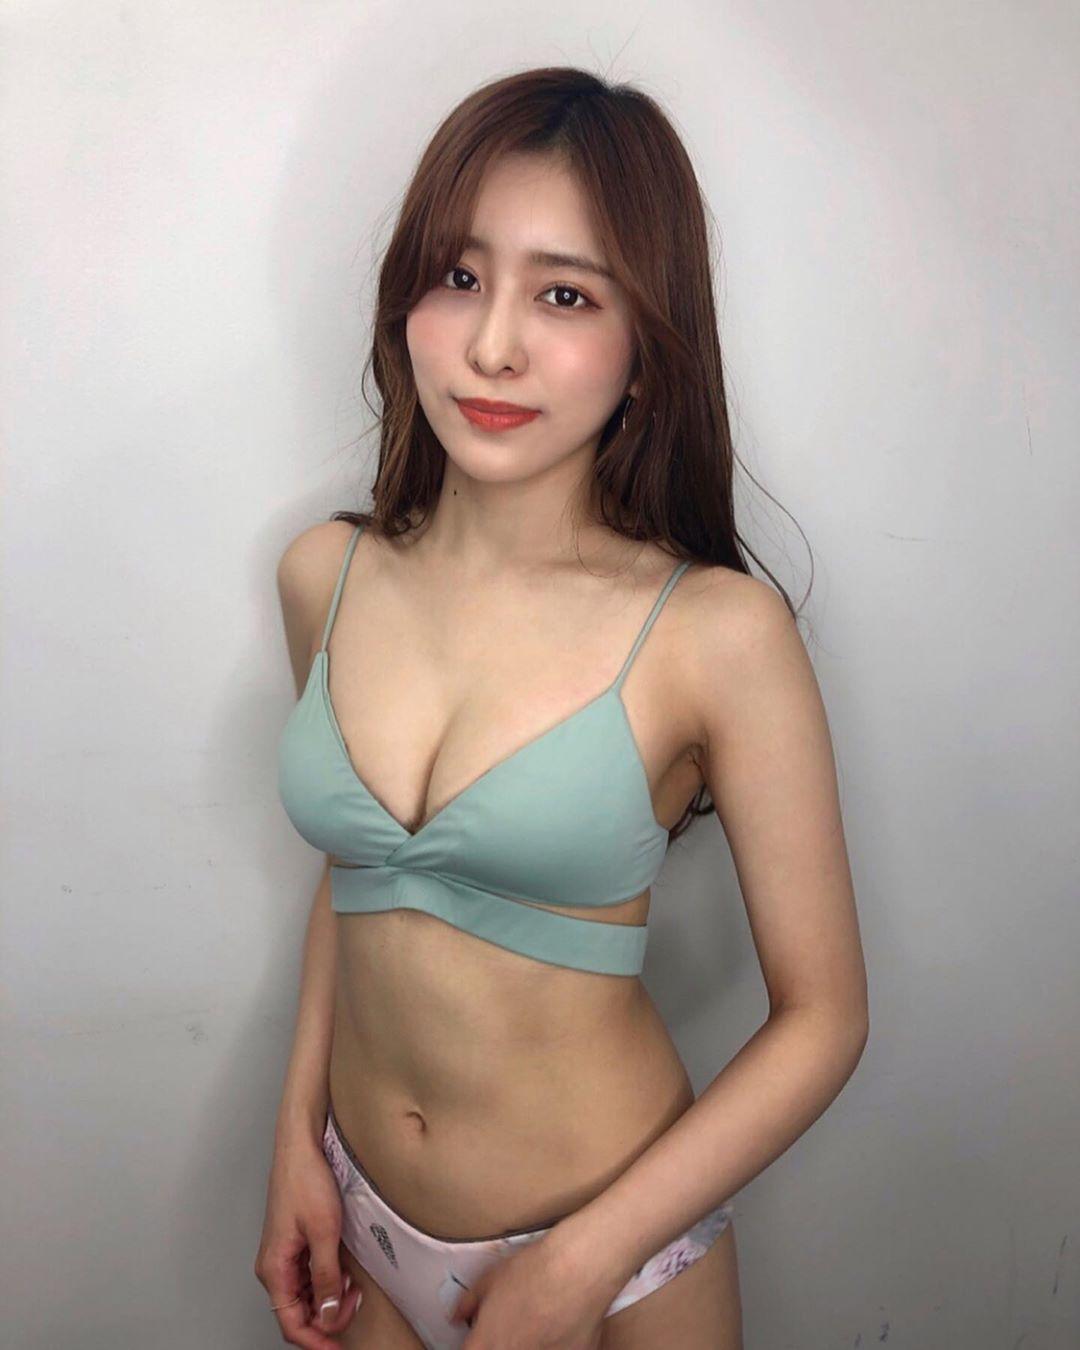 KIR0DfxY o - IG正妹—桃衣香帆 Kaho Momoi